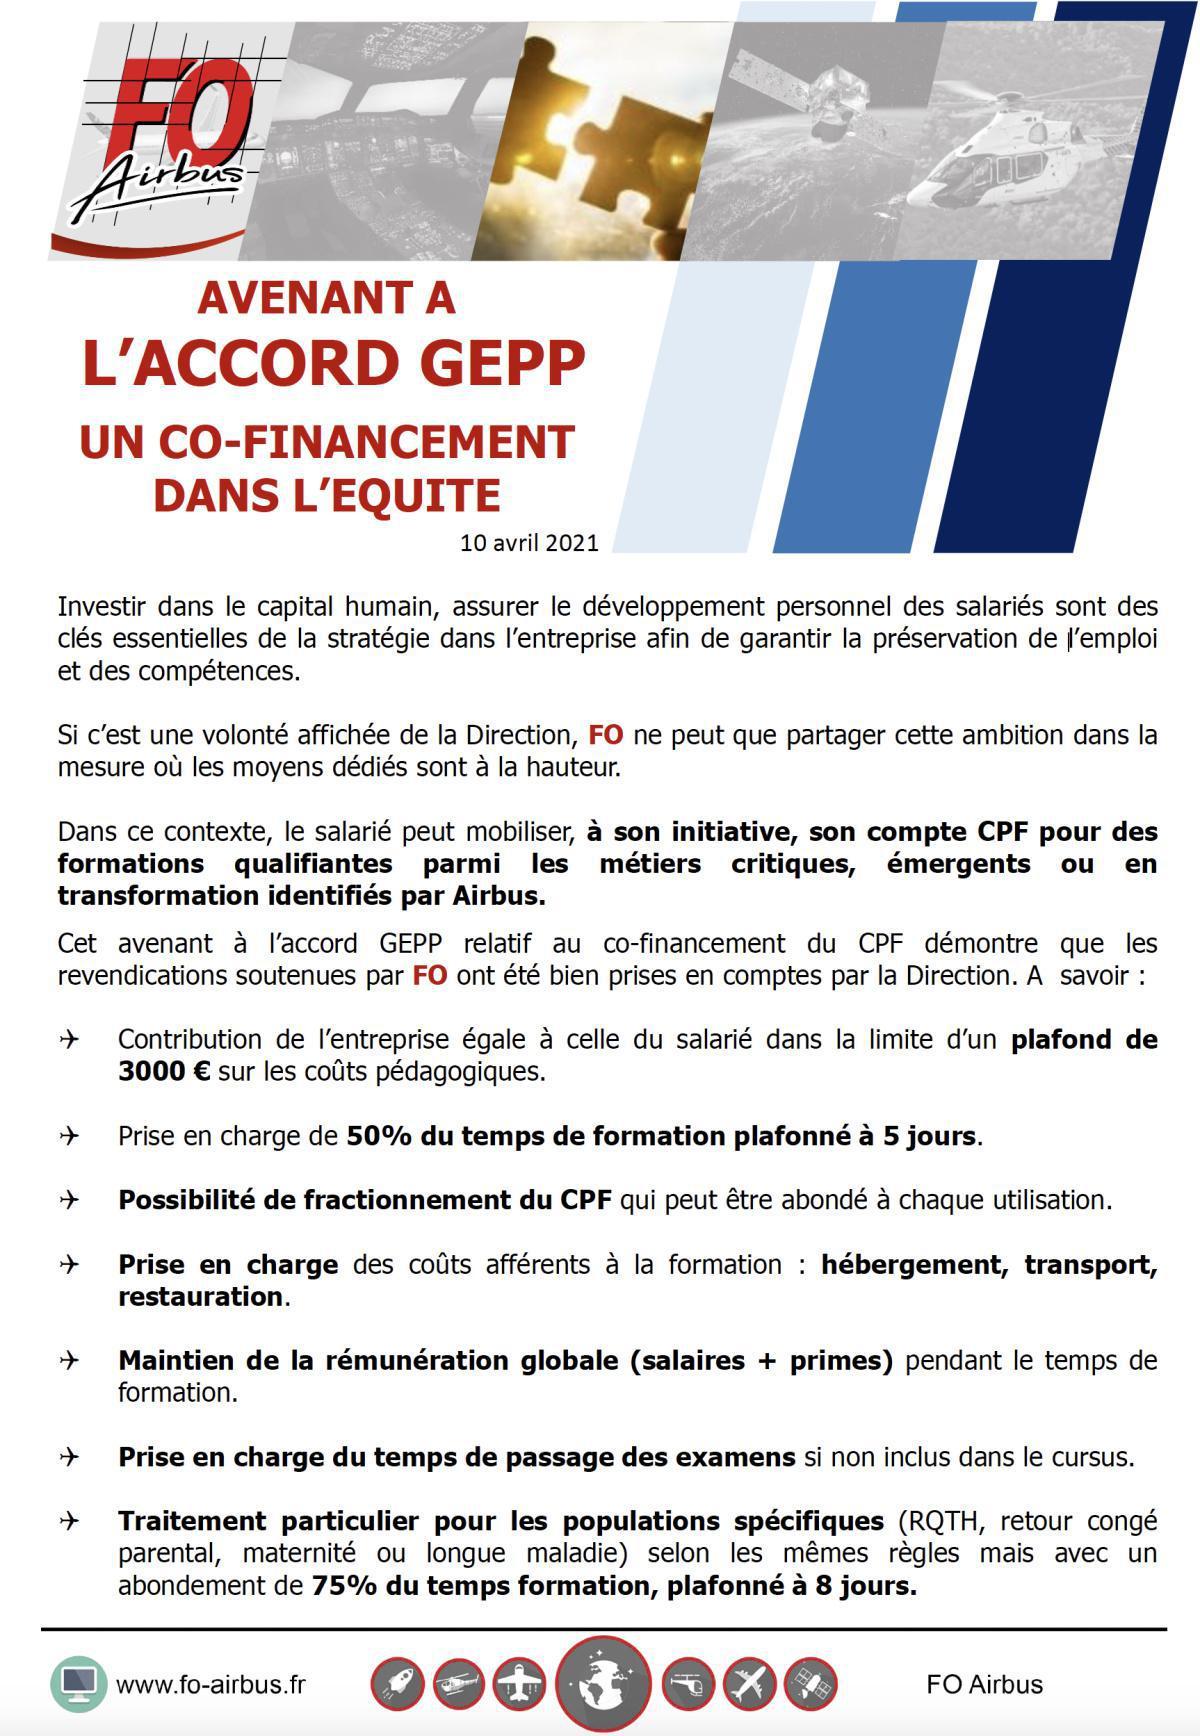 Avenant a l'accord GEPP un co-financement dans l'équité